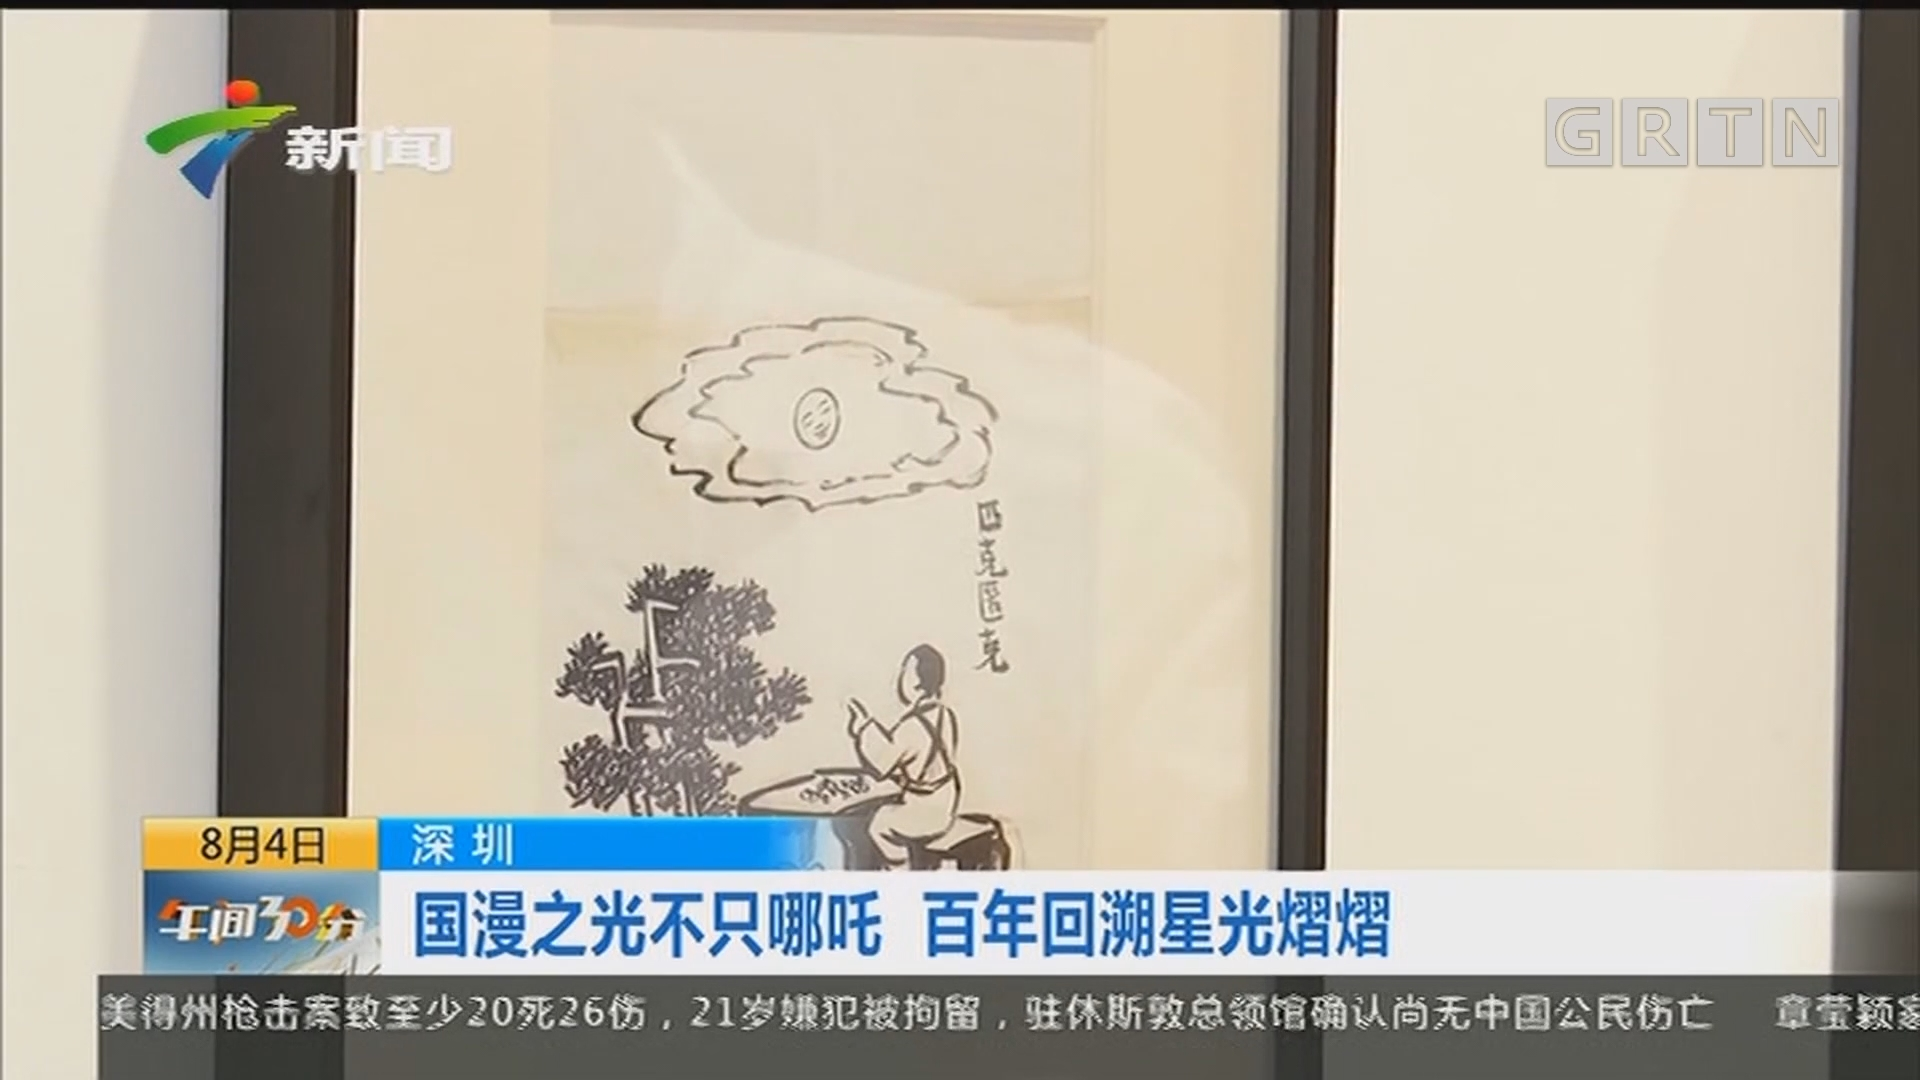 深圳:国漫之光不只哪吒 百年回溯星光熠熠